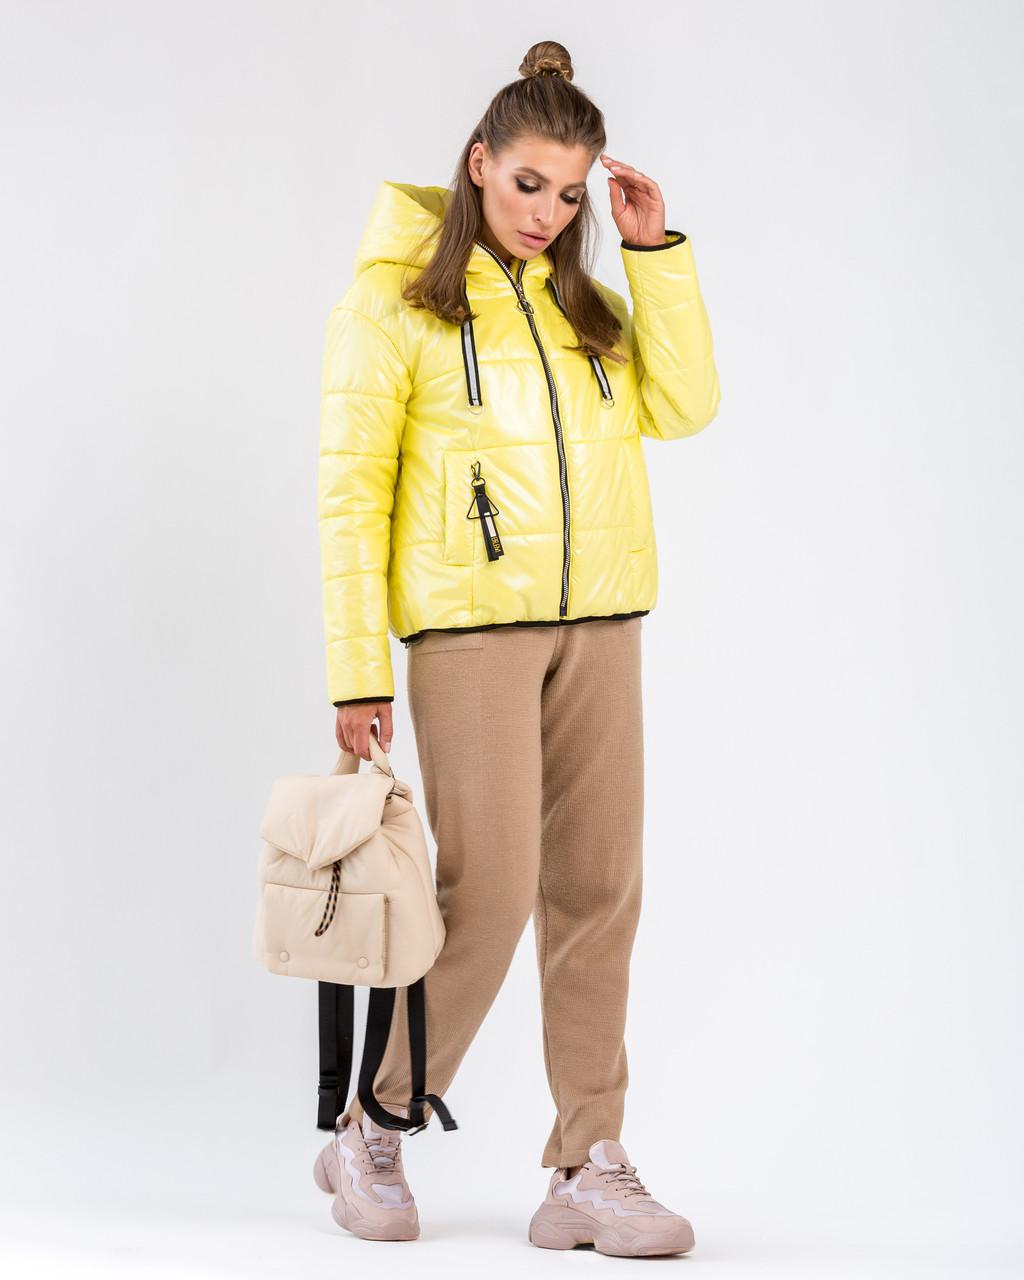 Демисезонная короткая женская куртка желтого цвета